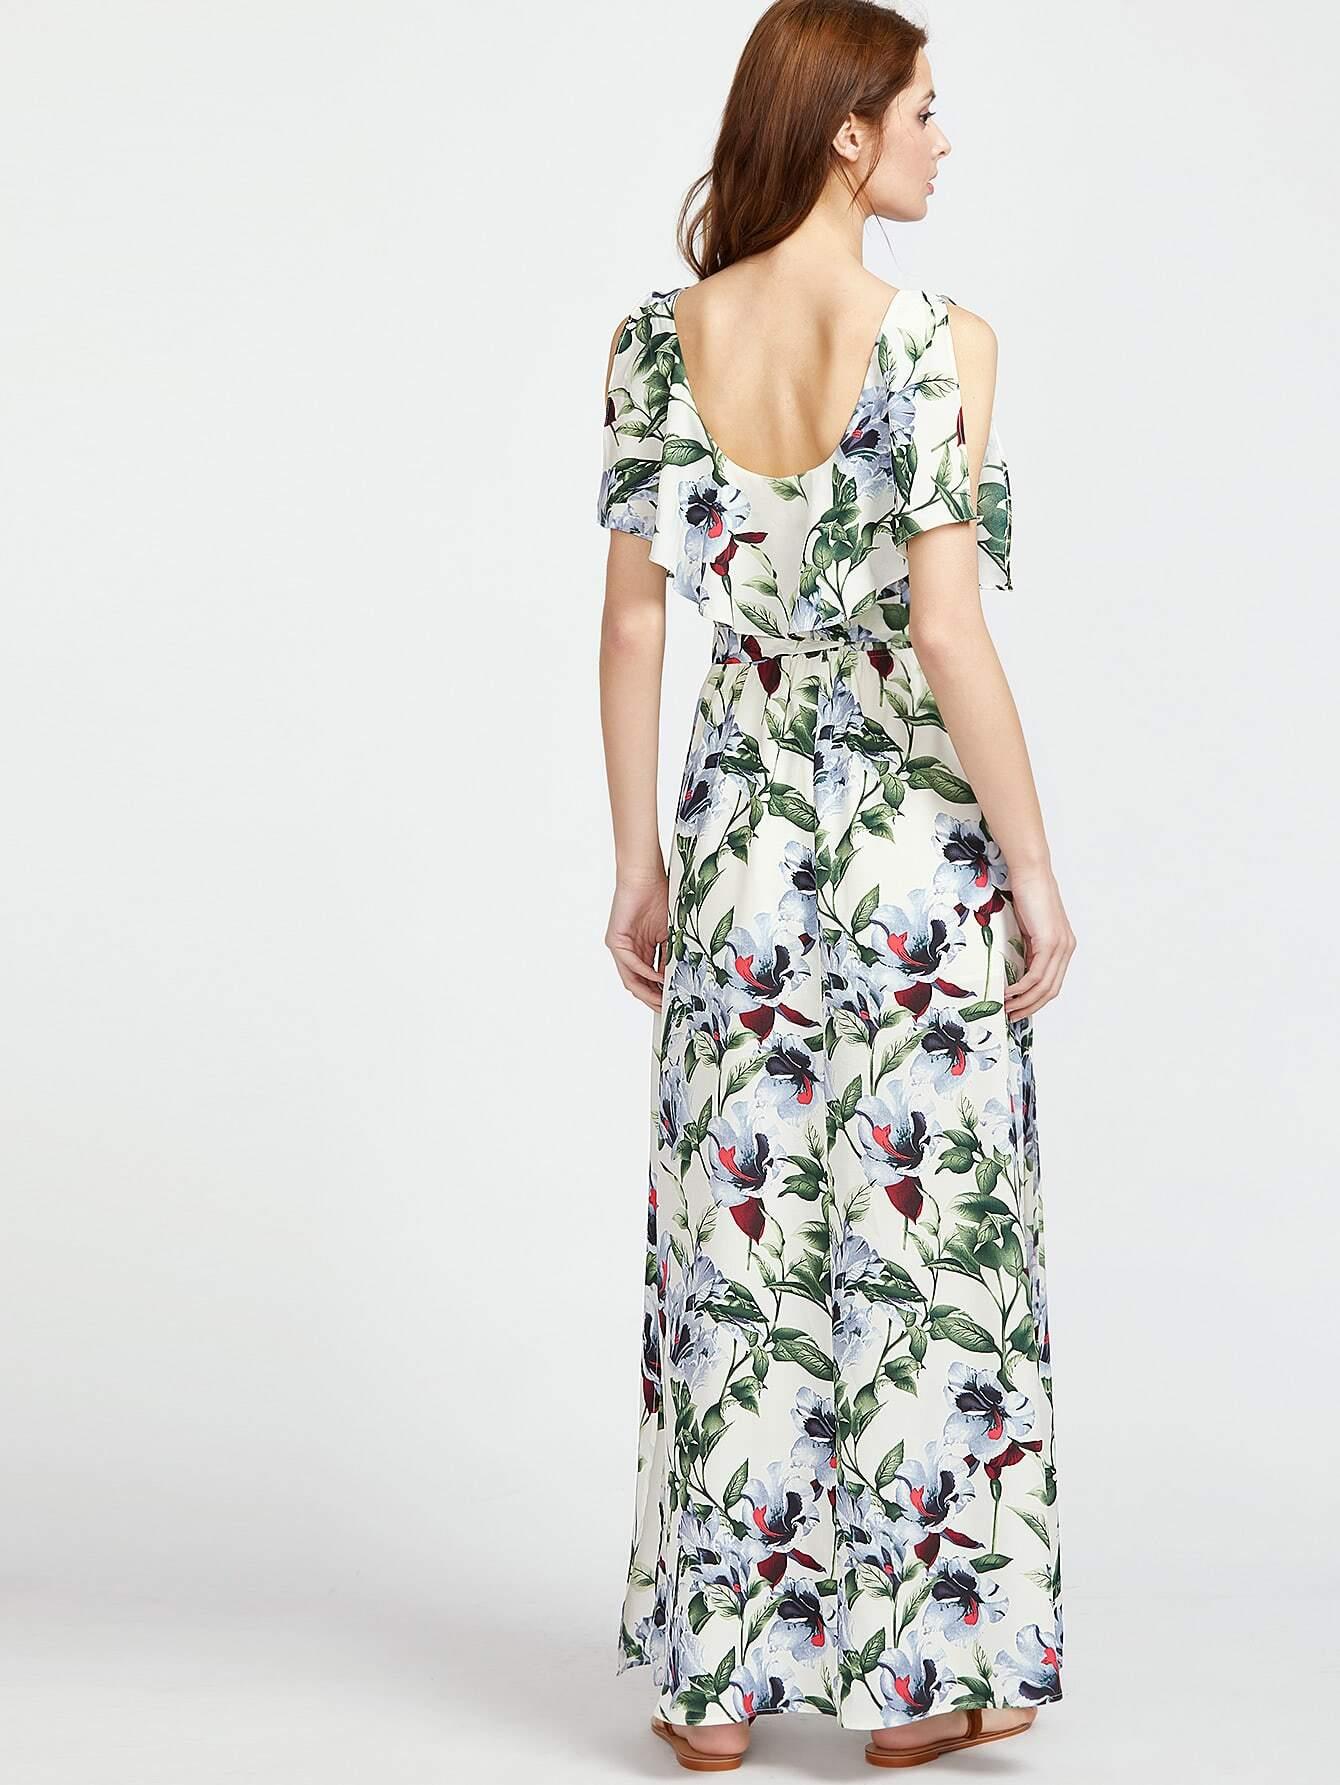 dress170317712_2